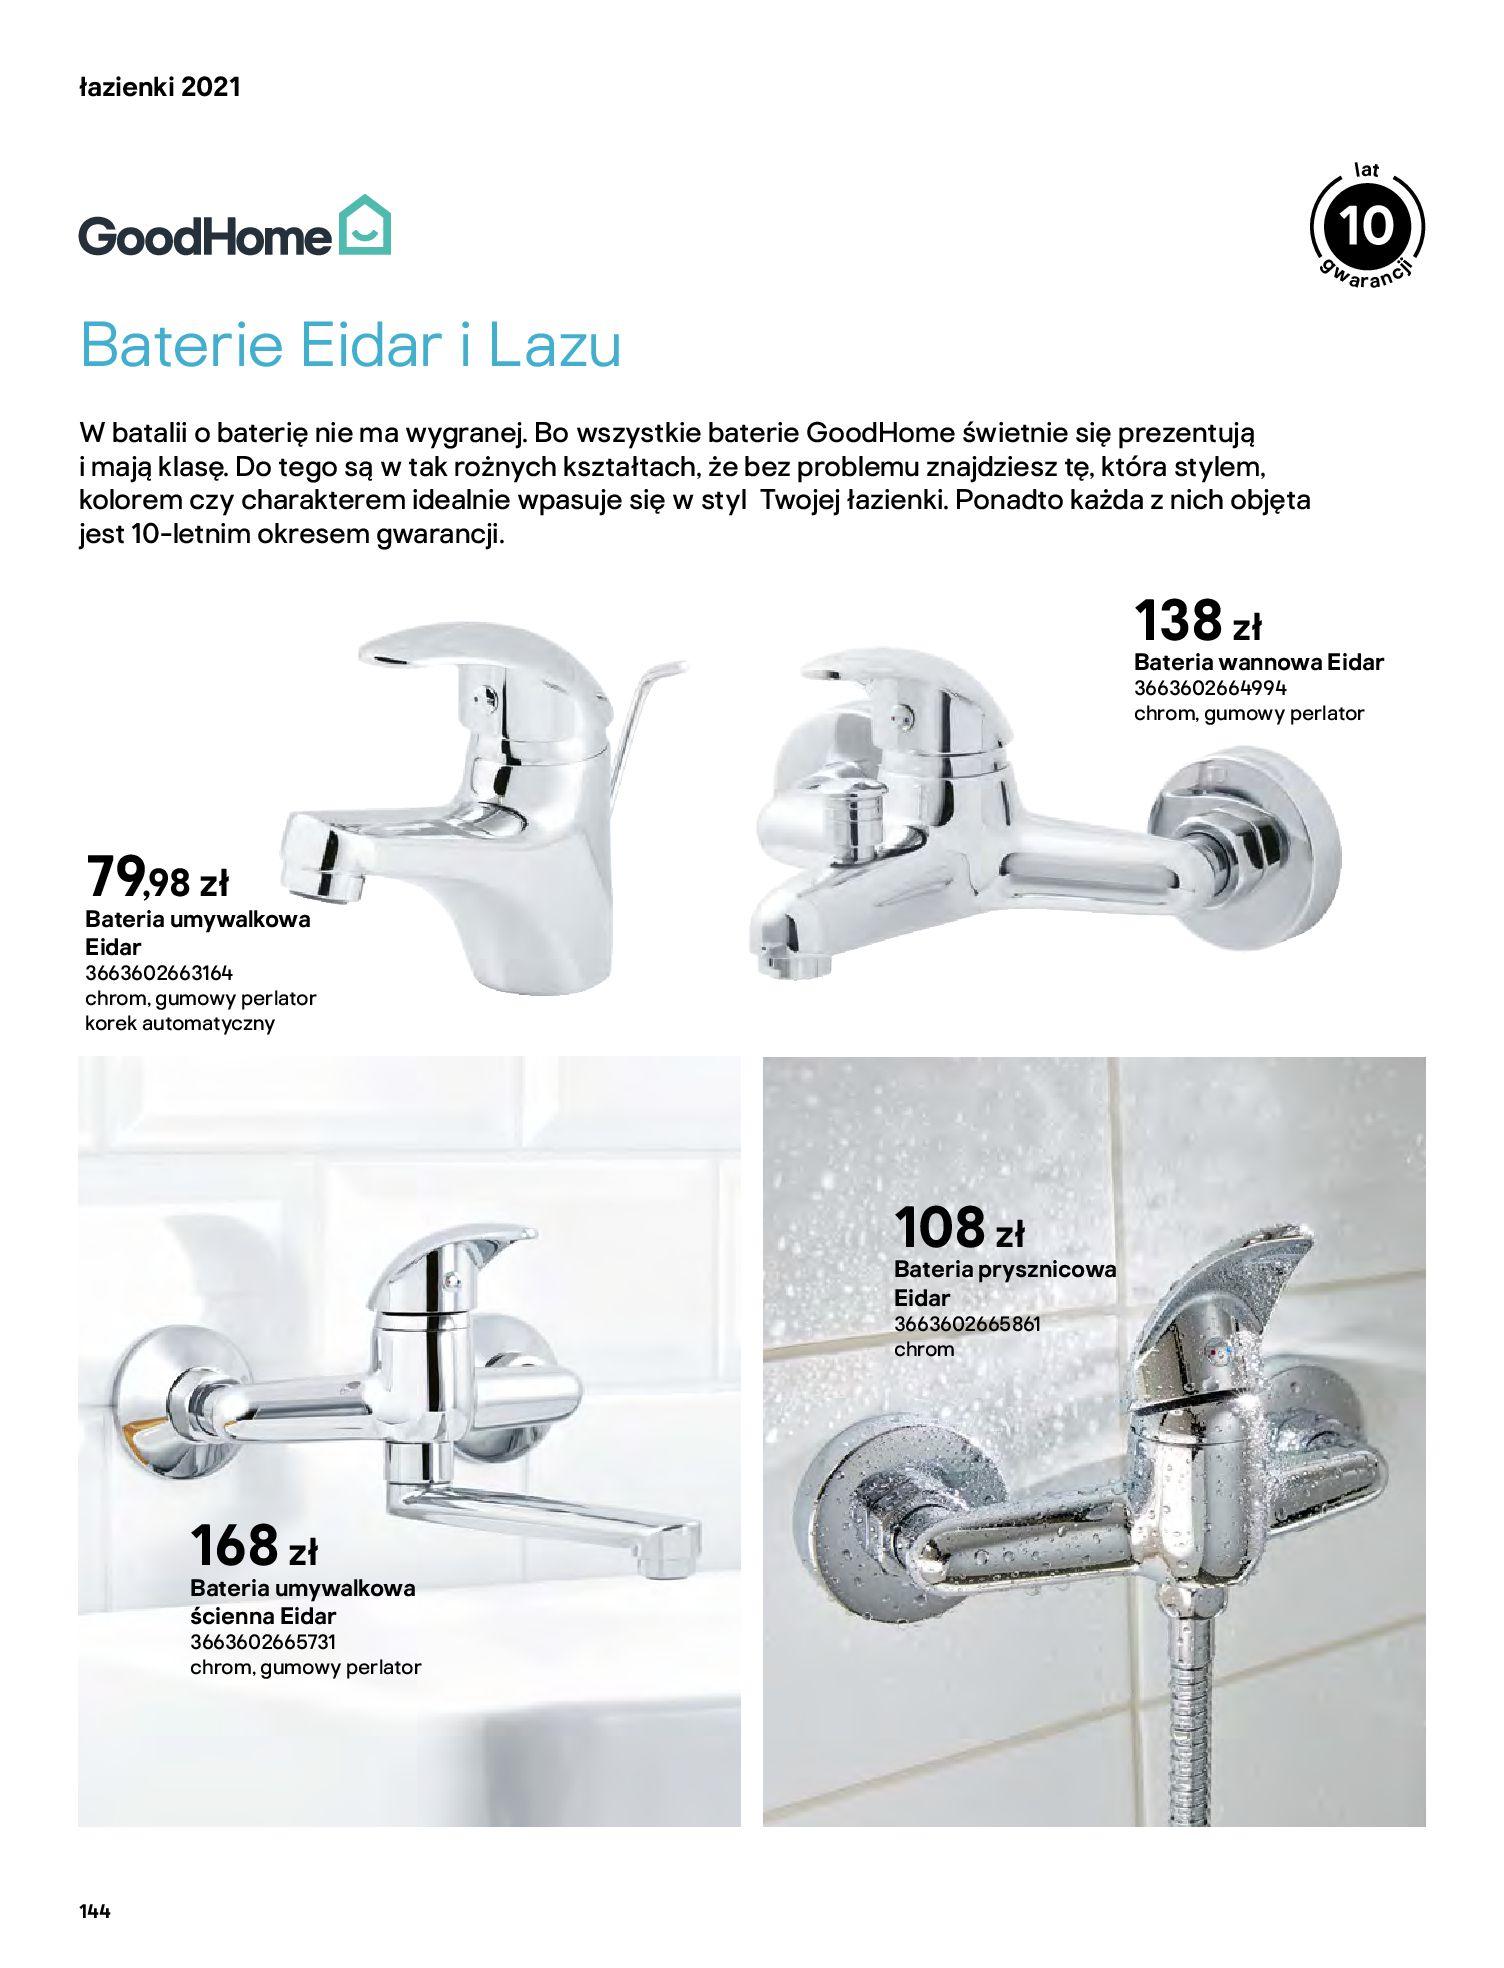 Gazetka Castorama: Gazetka Castorama - katalog łazienki 2021 2021-06-16 page-144